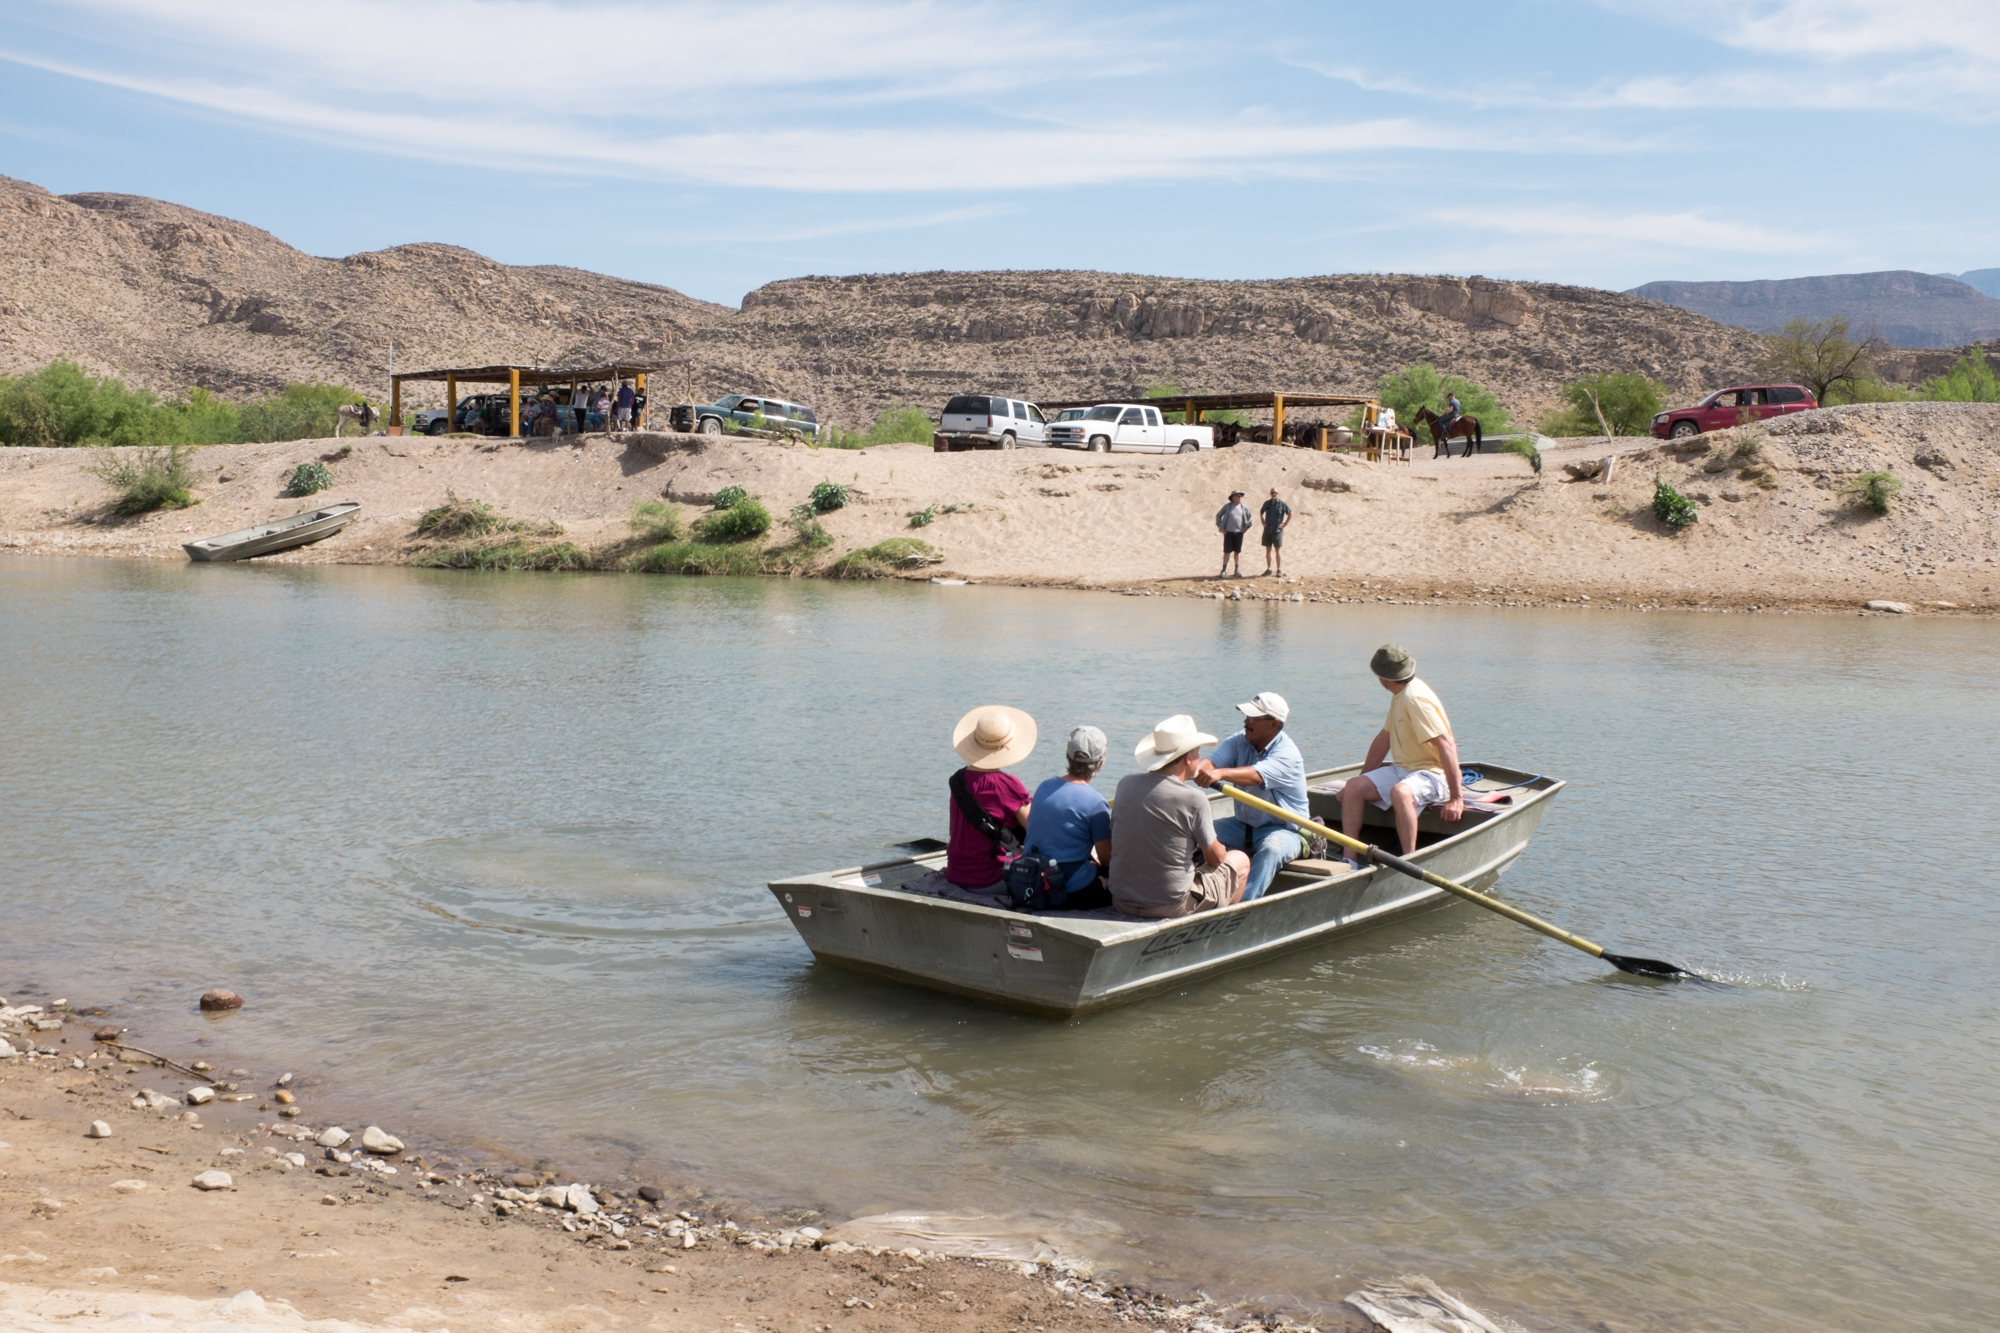 Tourists crossing the Rio Grande at Boquillas del Carmen.